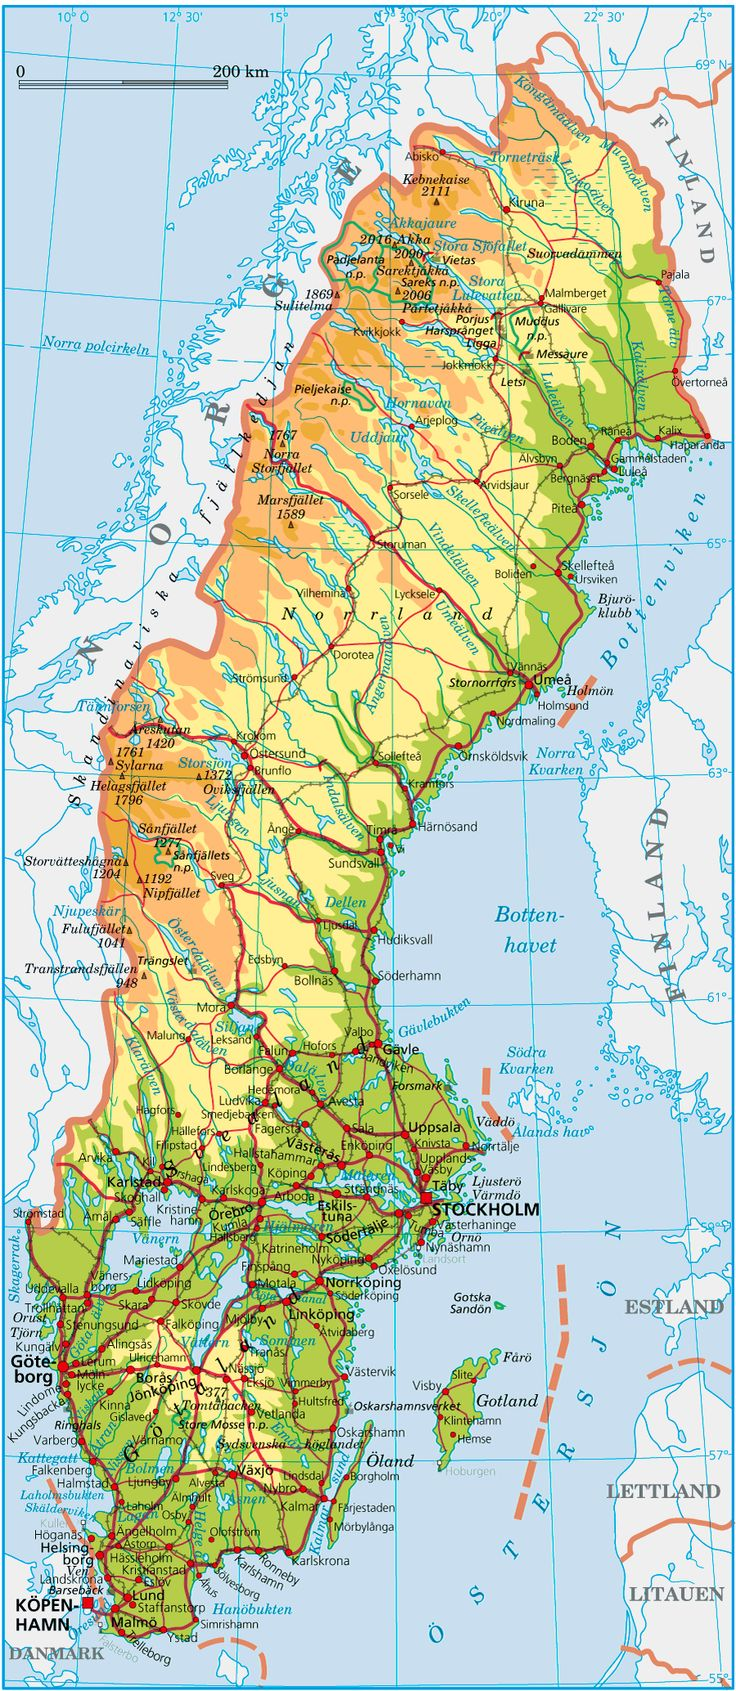 Sverige - Sweden!